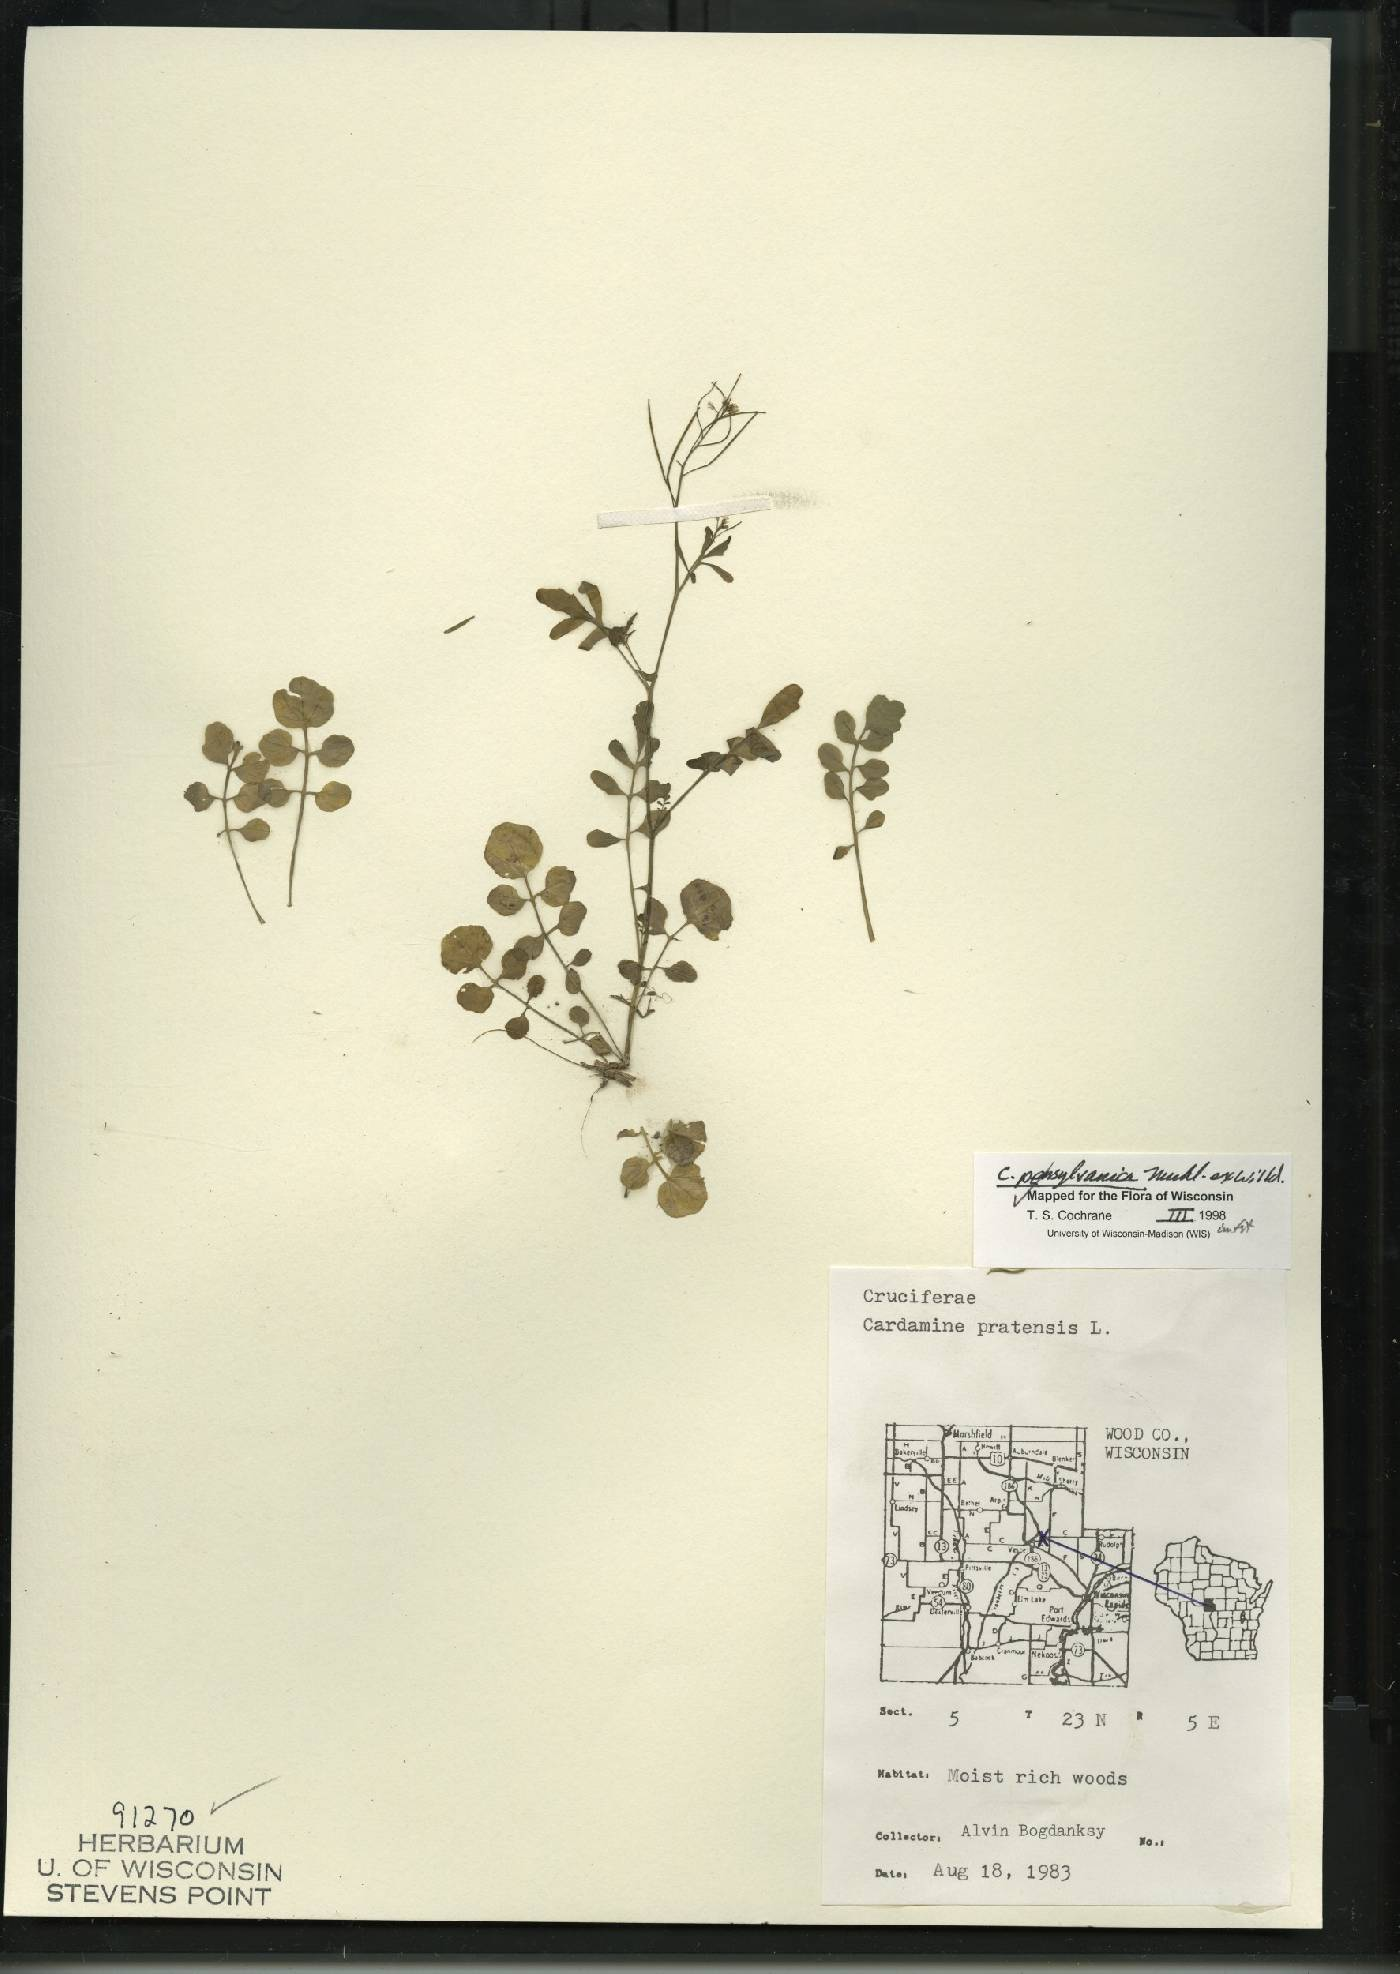 Cardamine pratensis var. palustris image